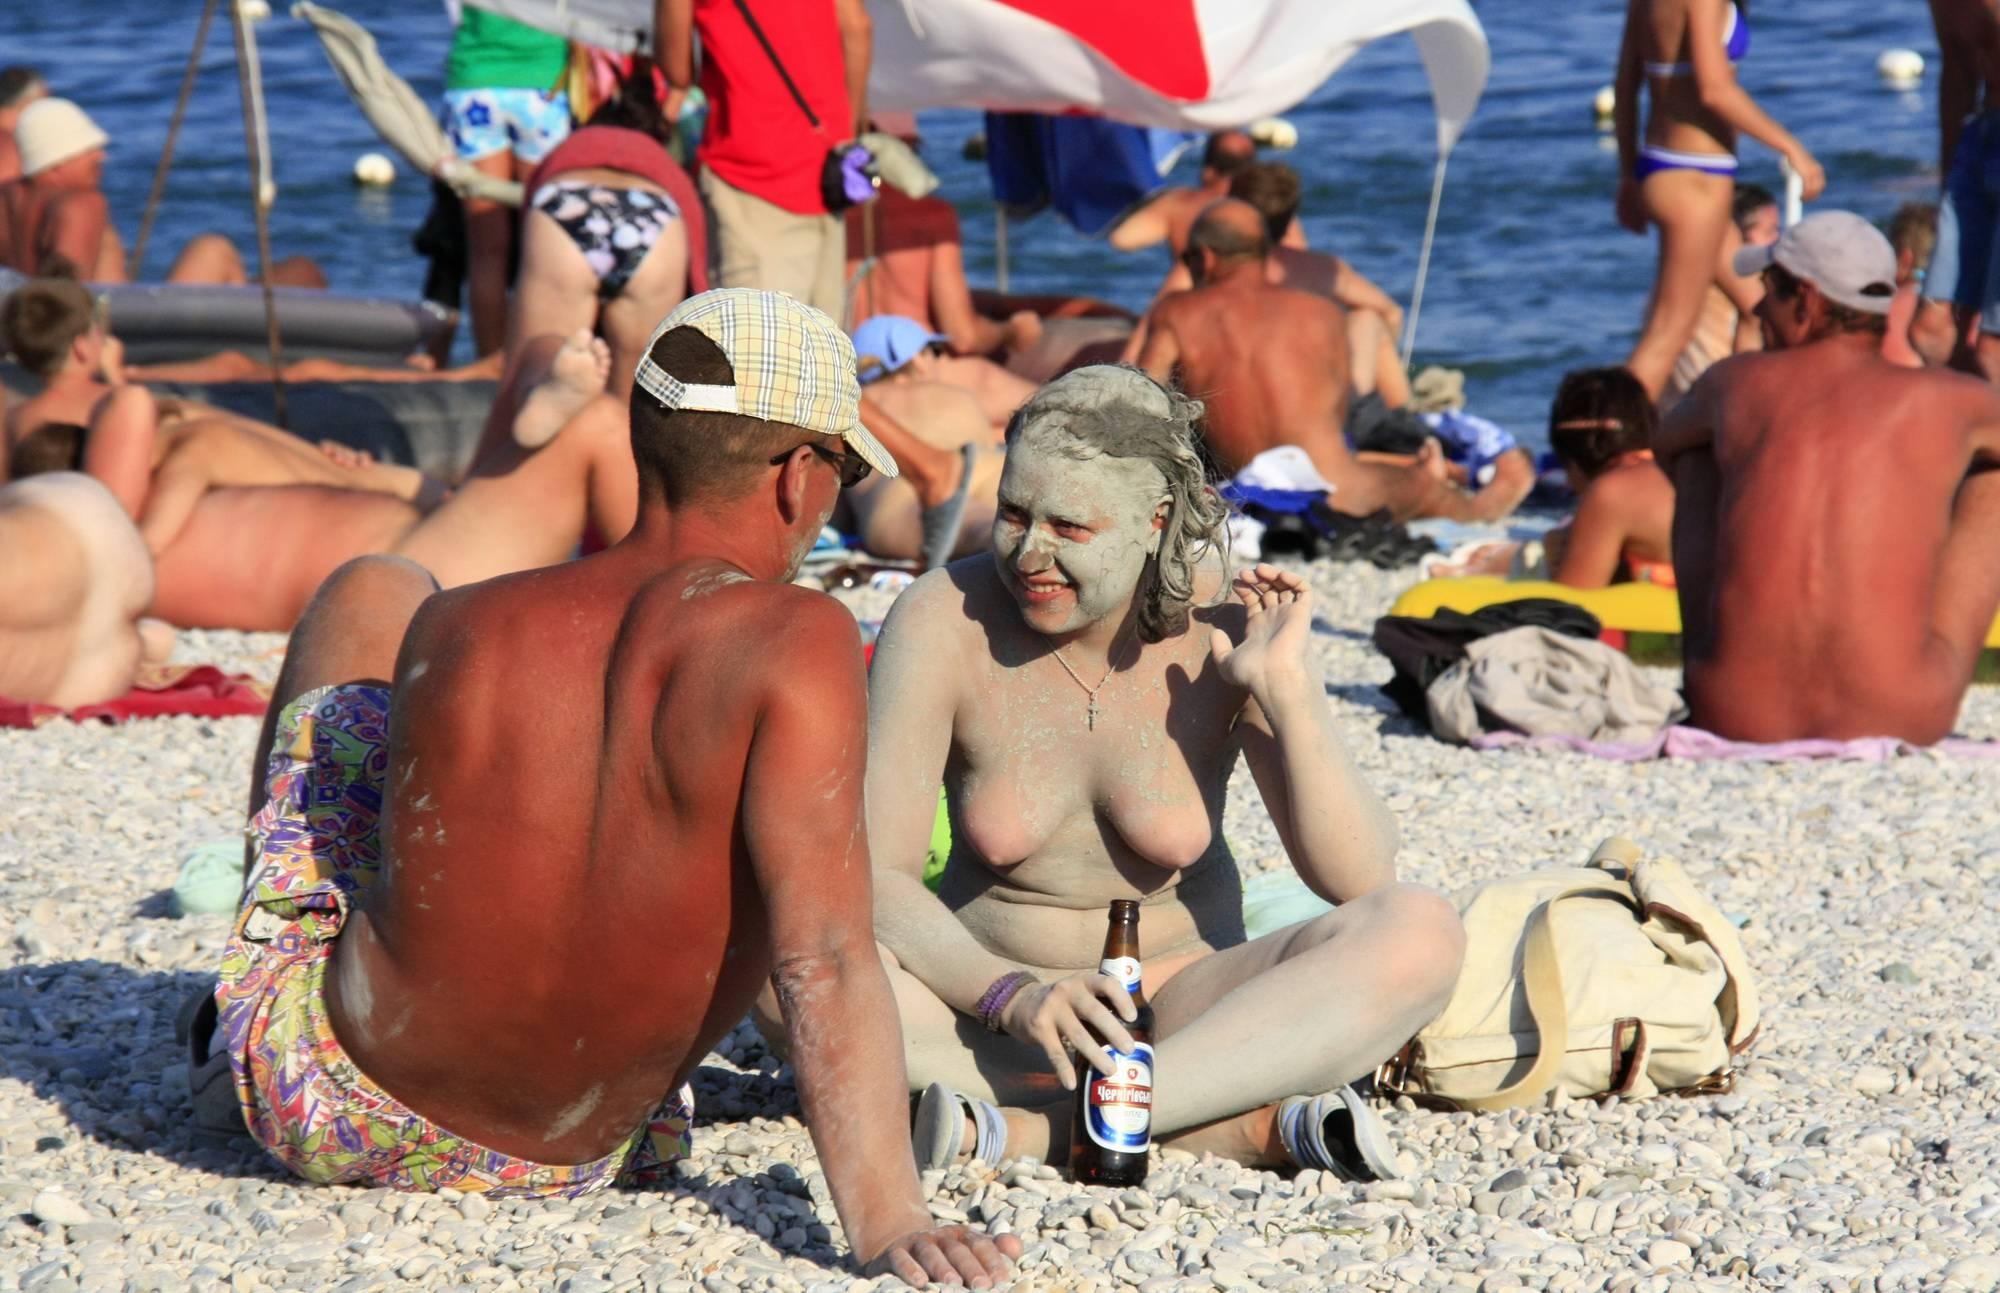 Ukrainian Sun Relaxation - 1